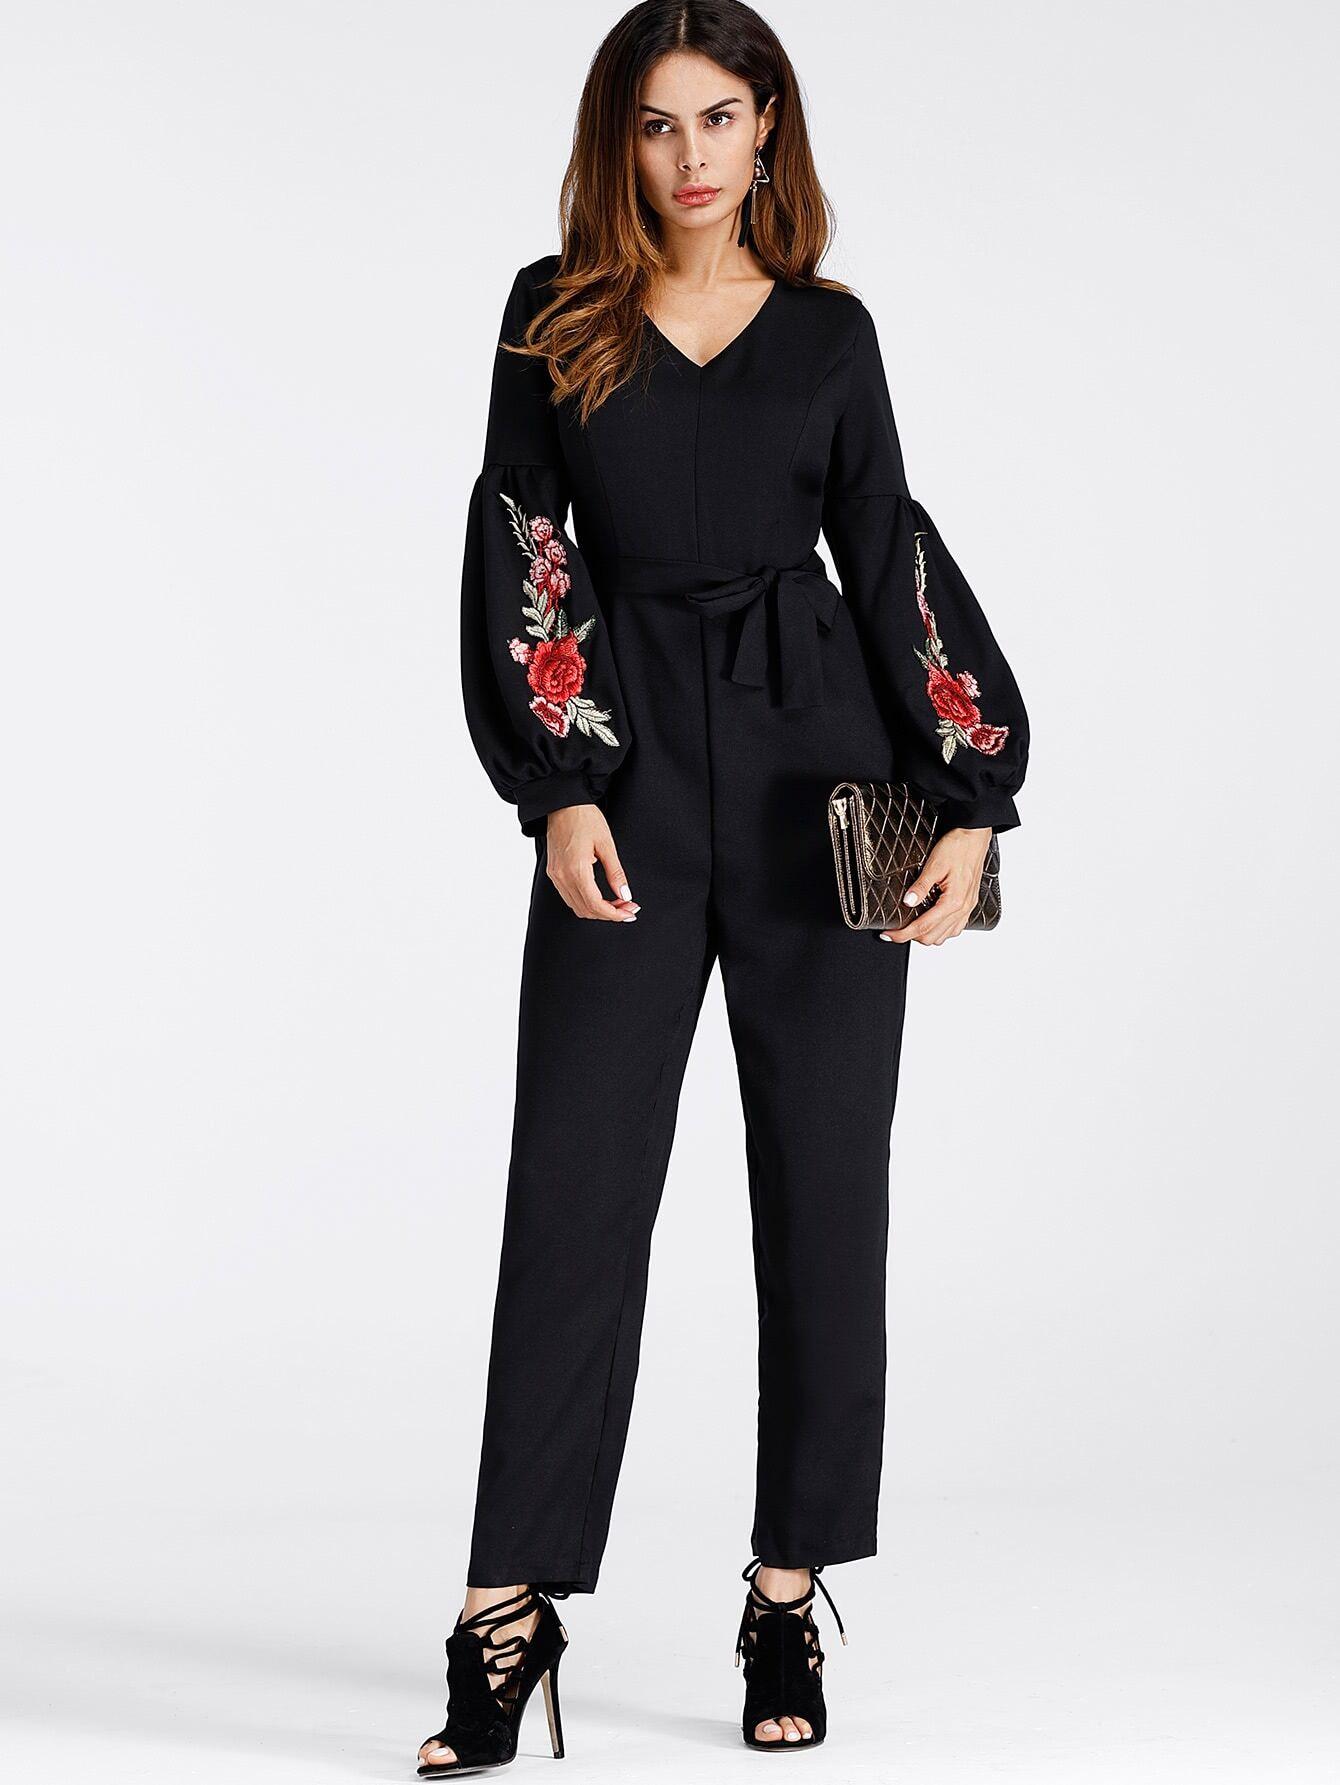 Lantern Sleeve Embroidered Rose Applique Jumpsuit With Belt embroidered rose applique side split belt dress